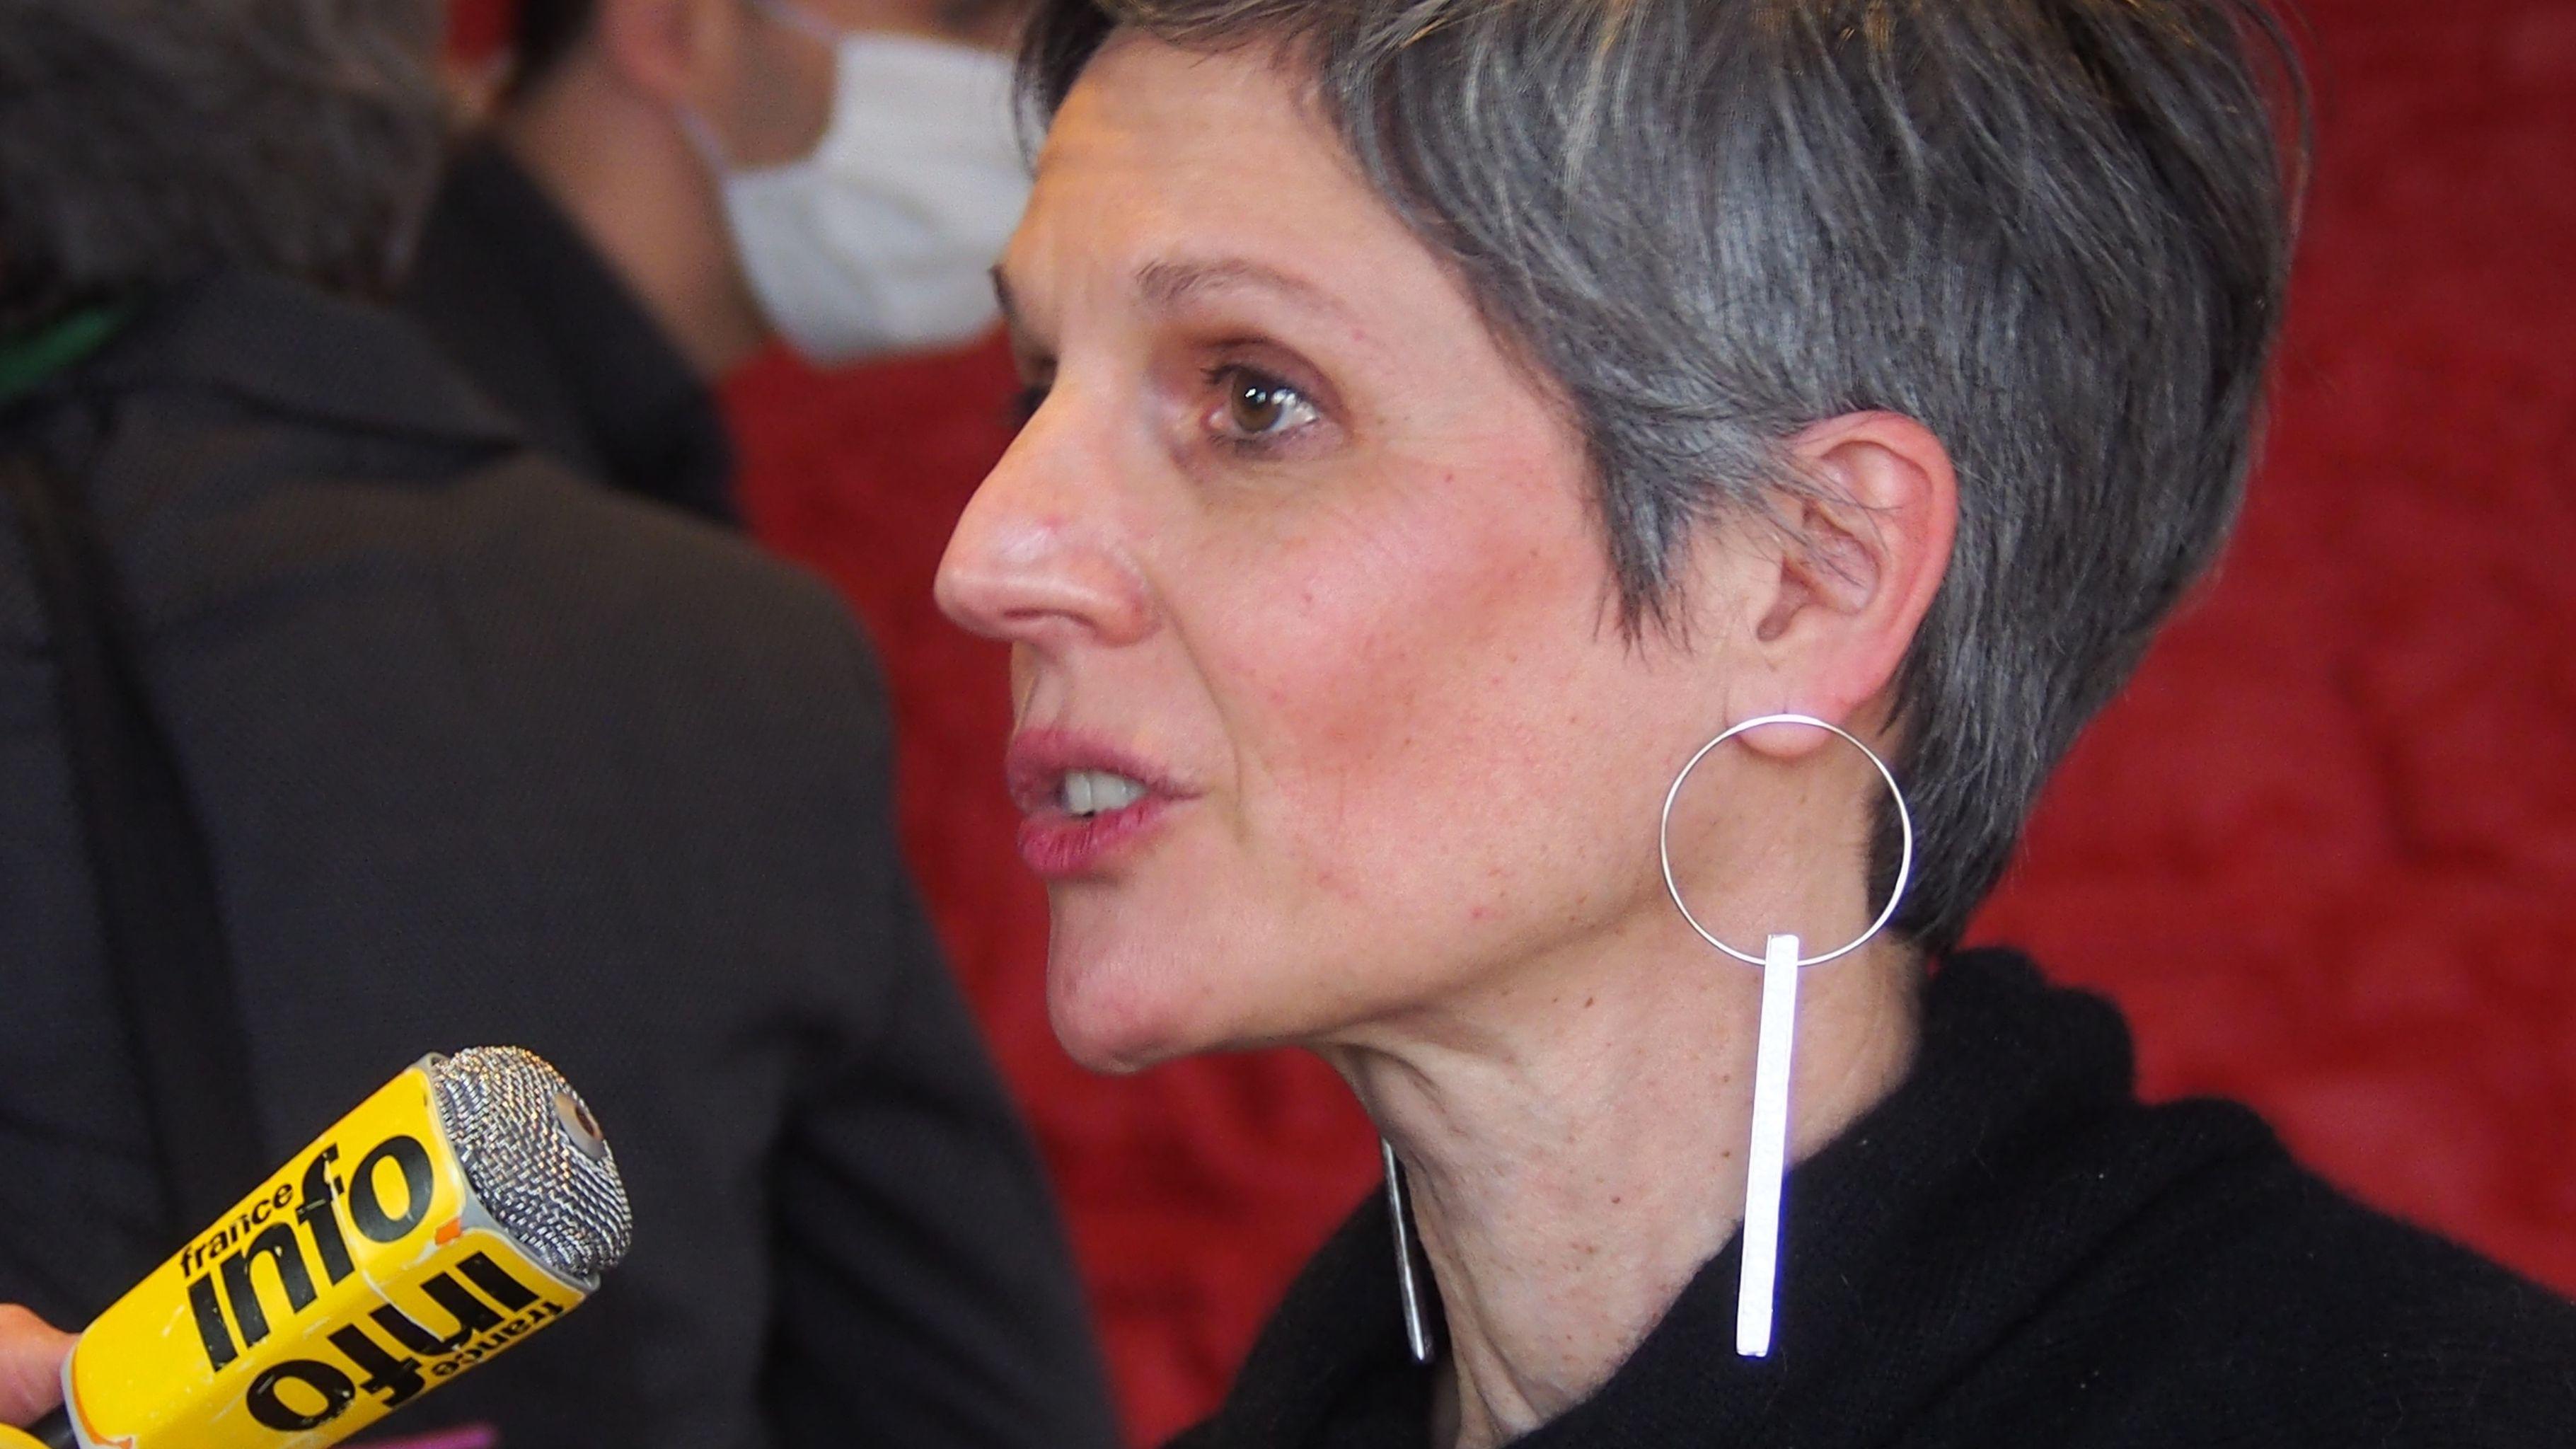 Fabienne Grébert, candidate à la Présidence de la Région, présente son plan d'urgence pour la jeunesse